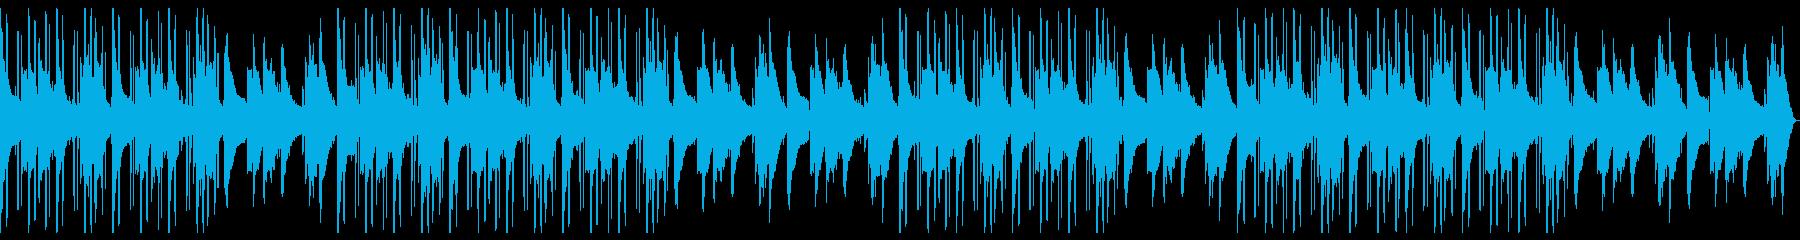 おしゃれで落ち着いたLoFiHipHopの再生済みの波形